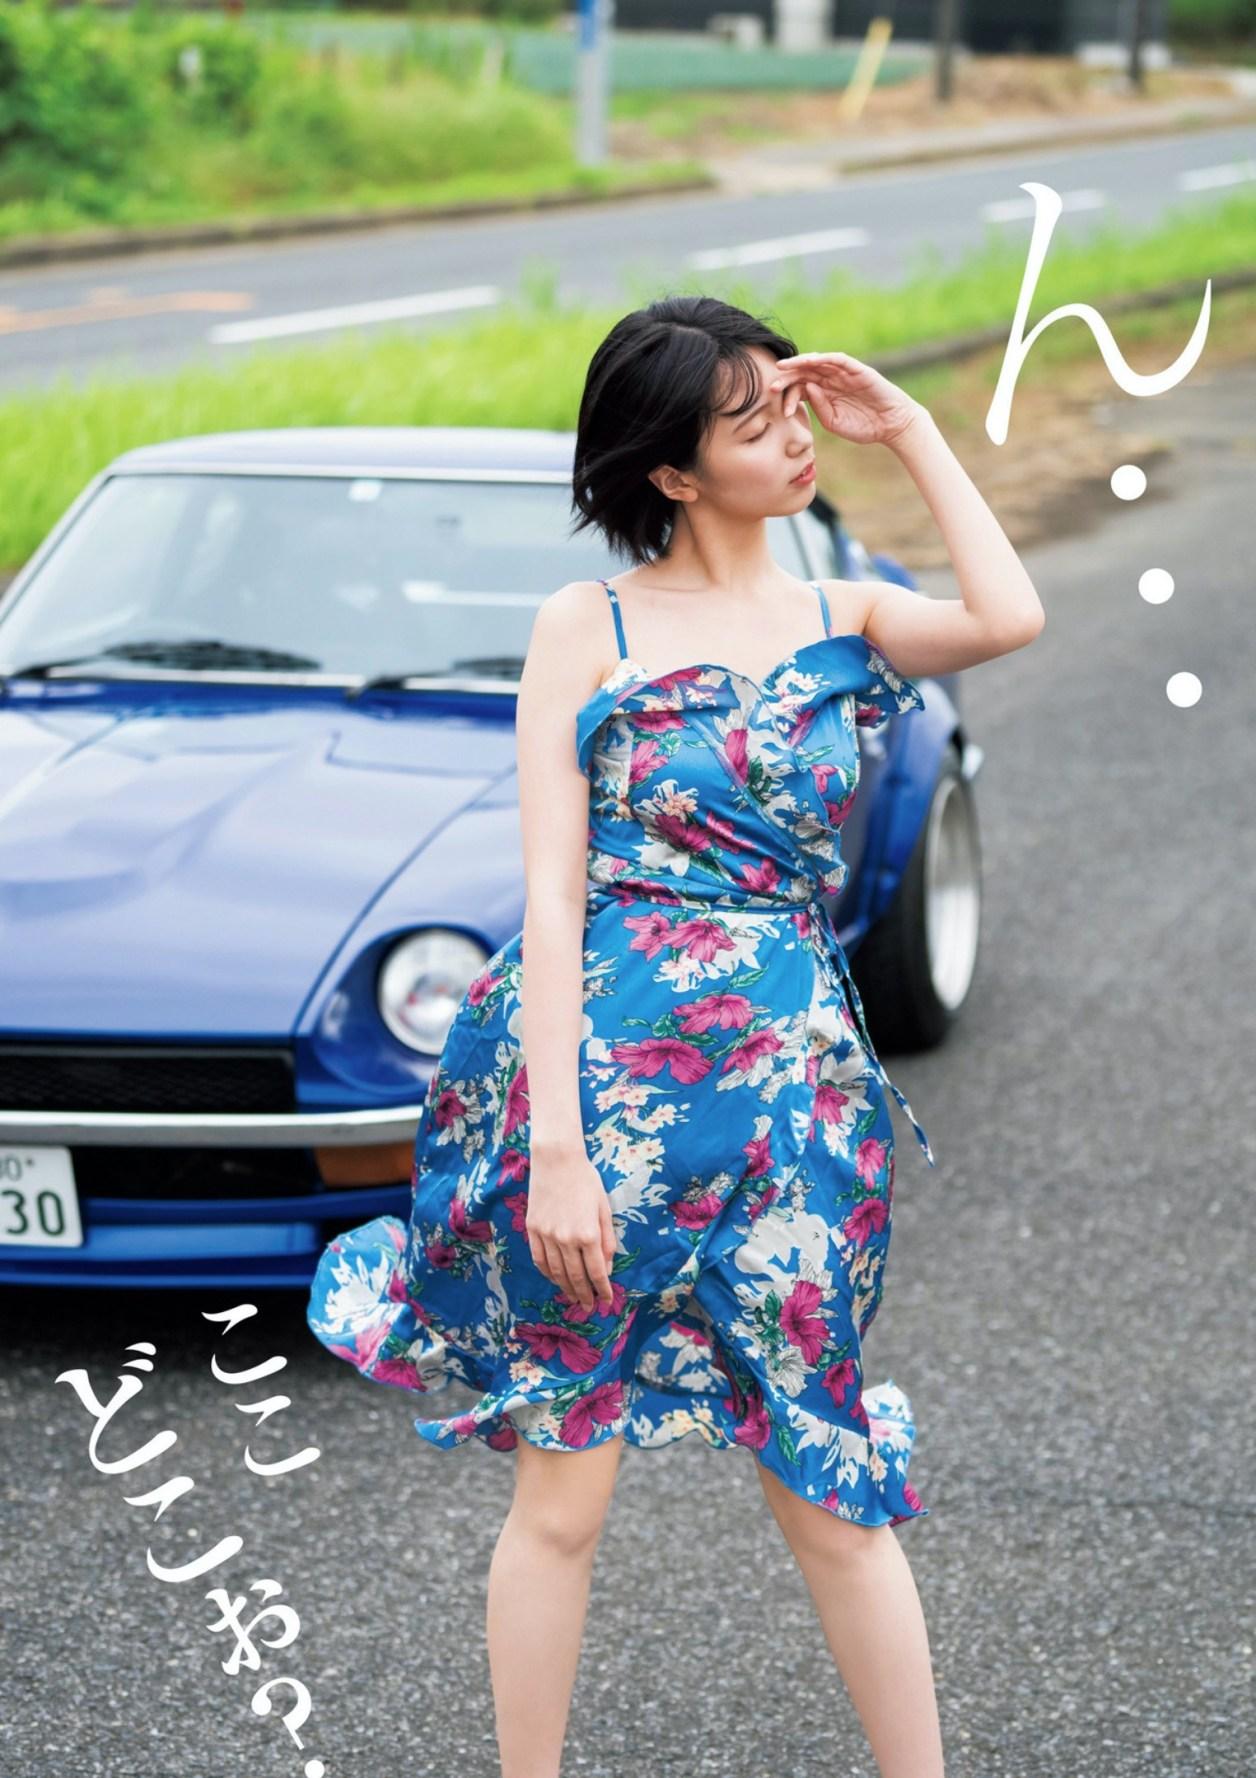 Tsukino-Hisui101702